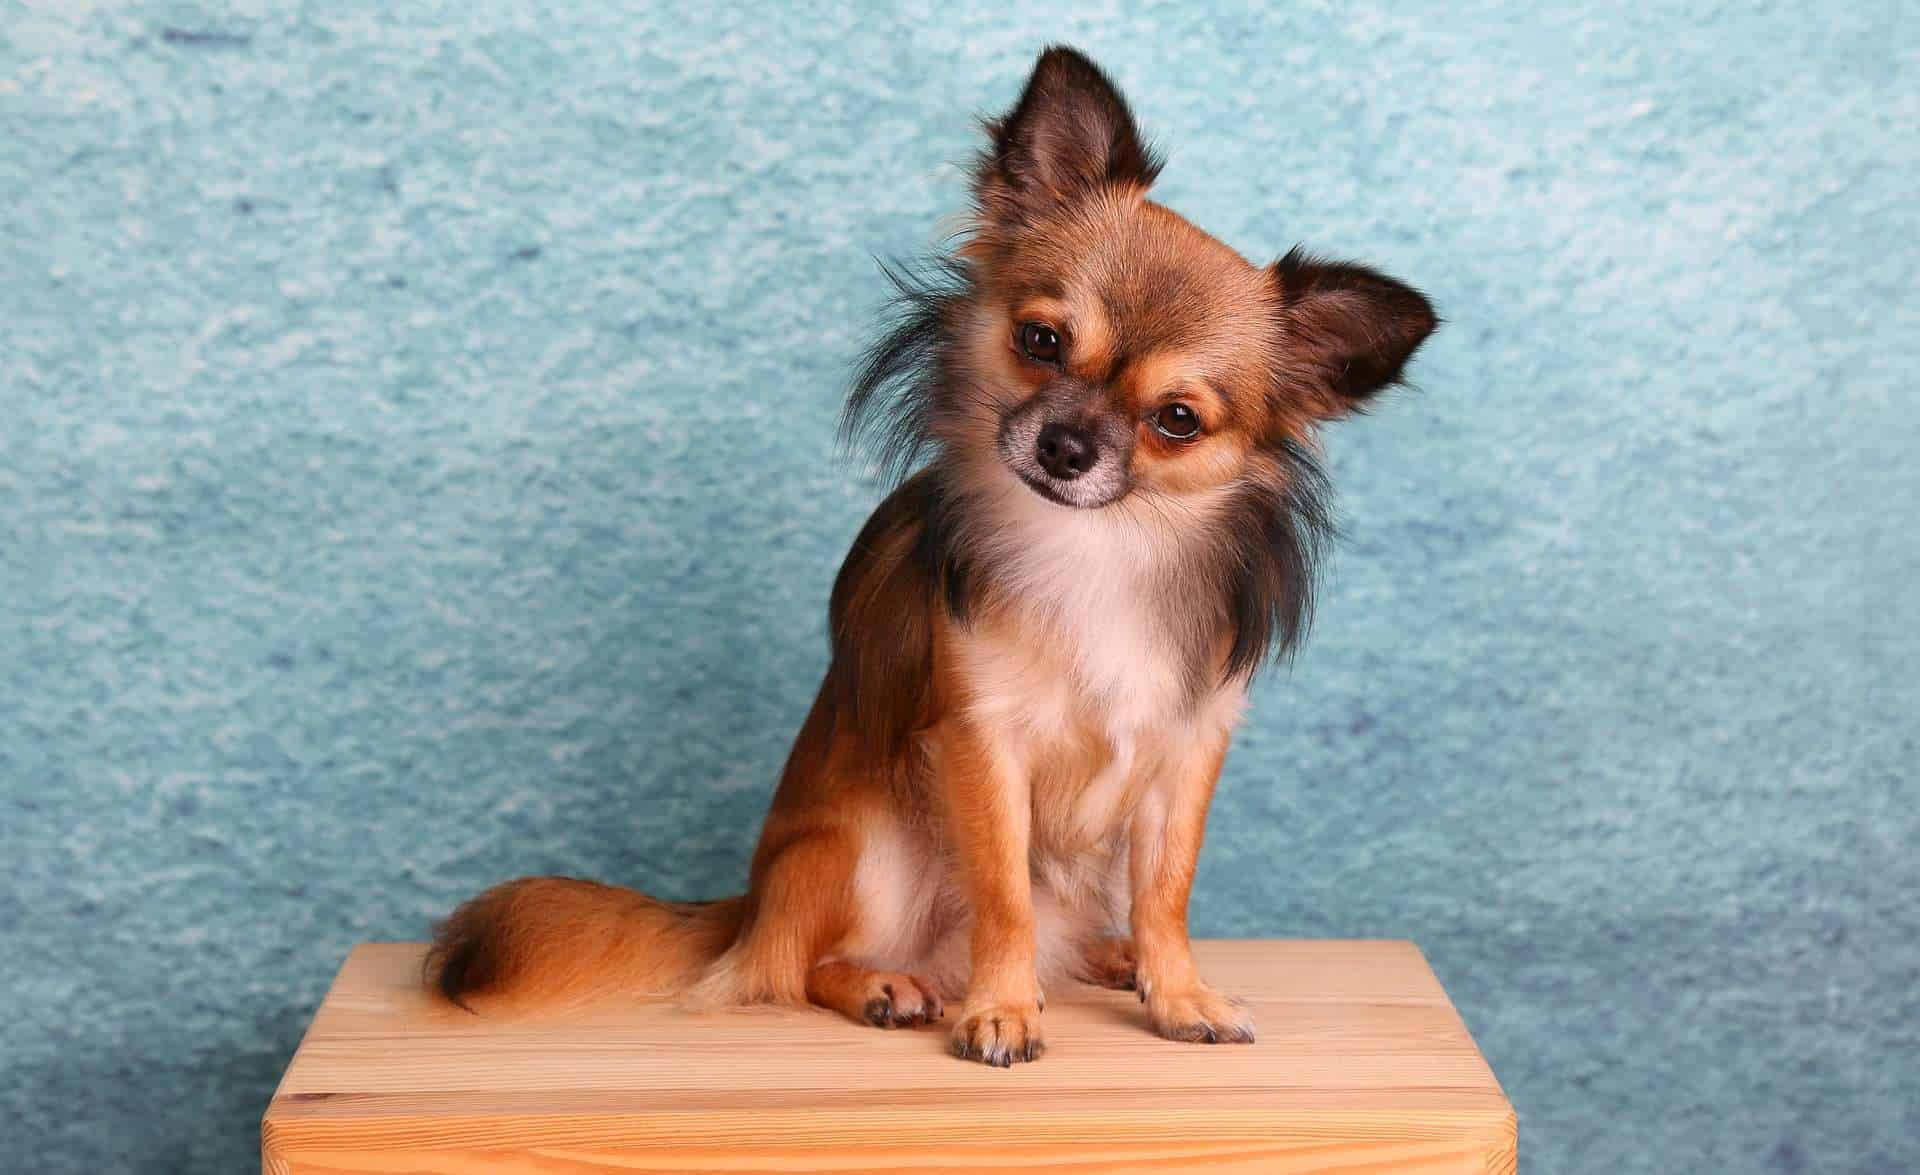 Hunde mit hoher Lebenserwartung, Chihuahua /pixabay